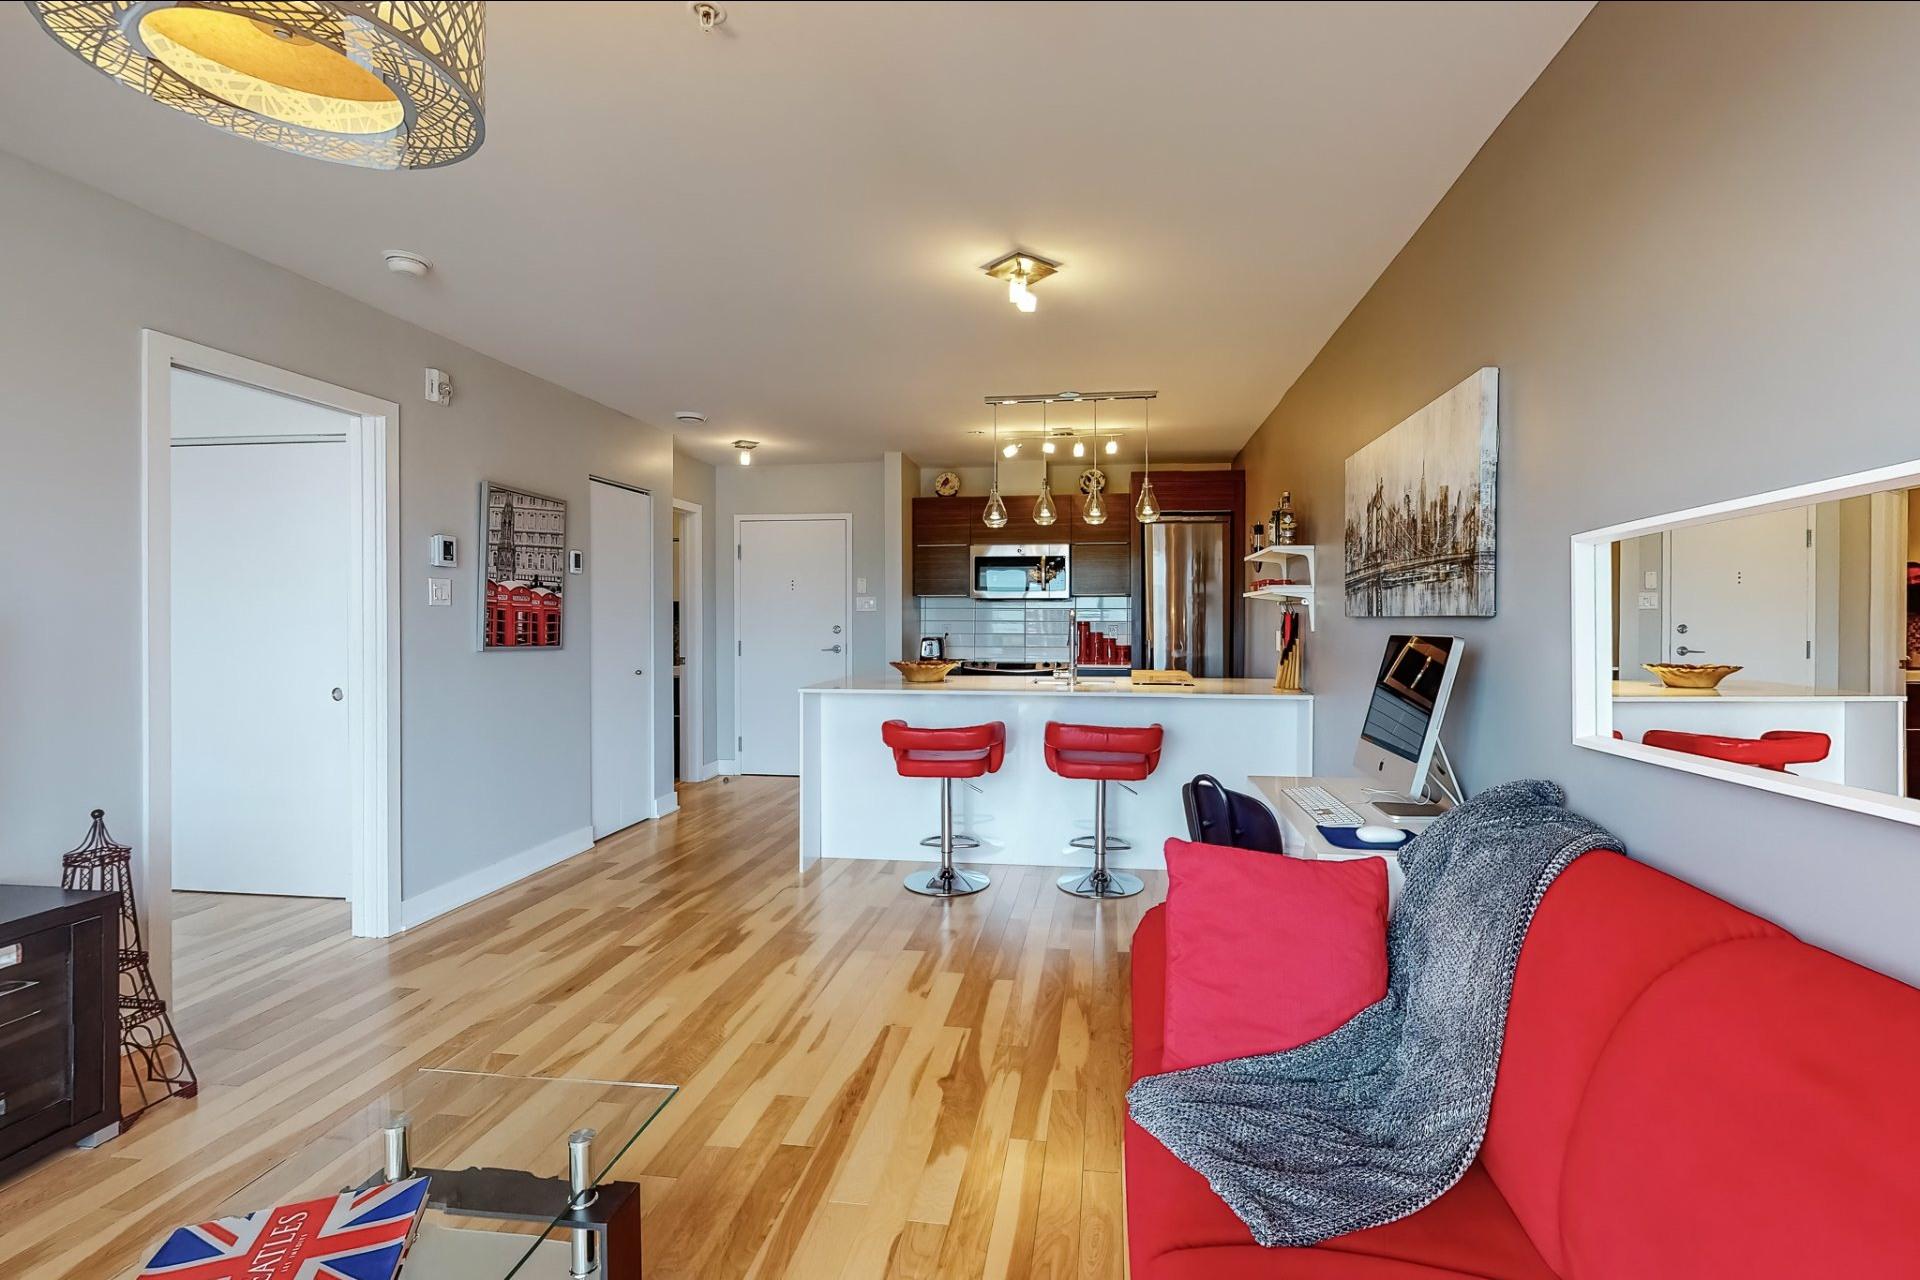 image 12 - Appartement À vendre Rosemont/La Petite-Patrie Montréal  - 3 pièces